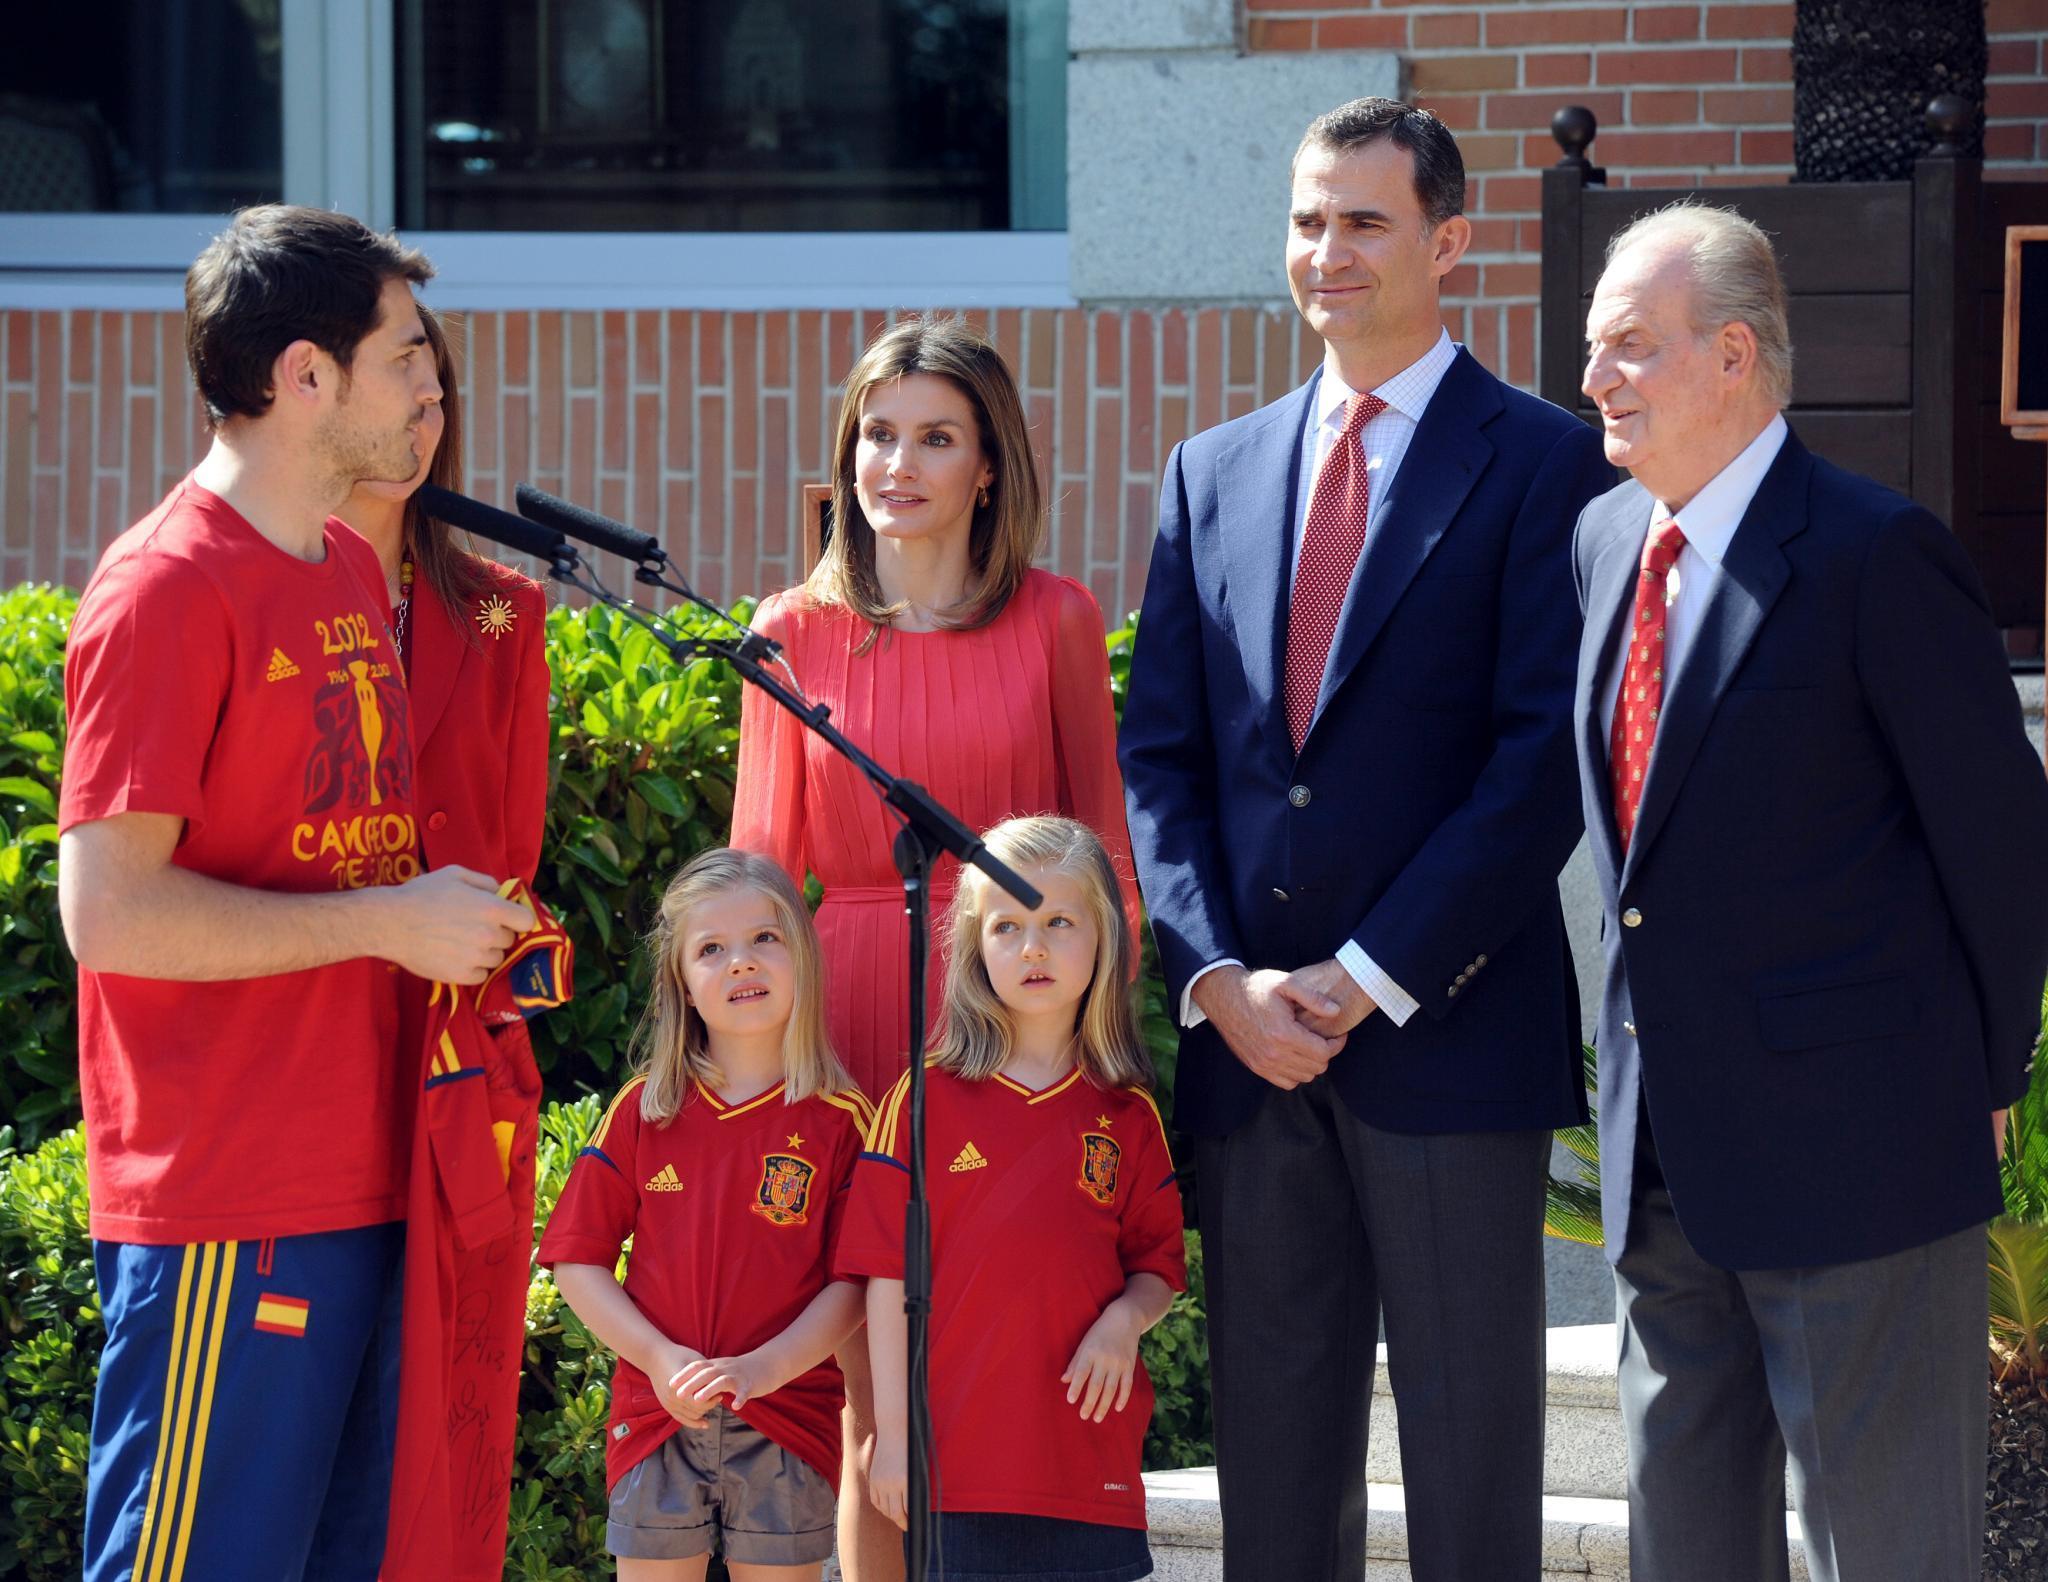 Auftritte wie dieser waren bisher selten: Gemeinsam mit ihren Eltern und ihrem Großvater sind die Prinzessinnen Sofía (links) und Leonor im Juli 2012 beim Empfang der spanischen Fußballnationalmannschaft dabei.